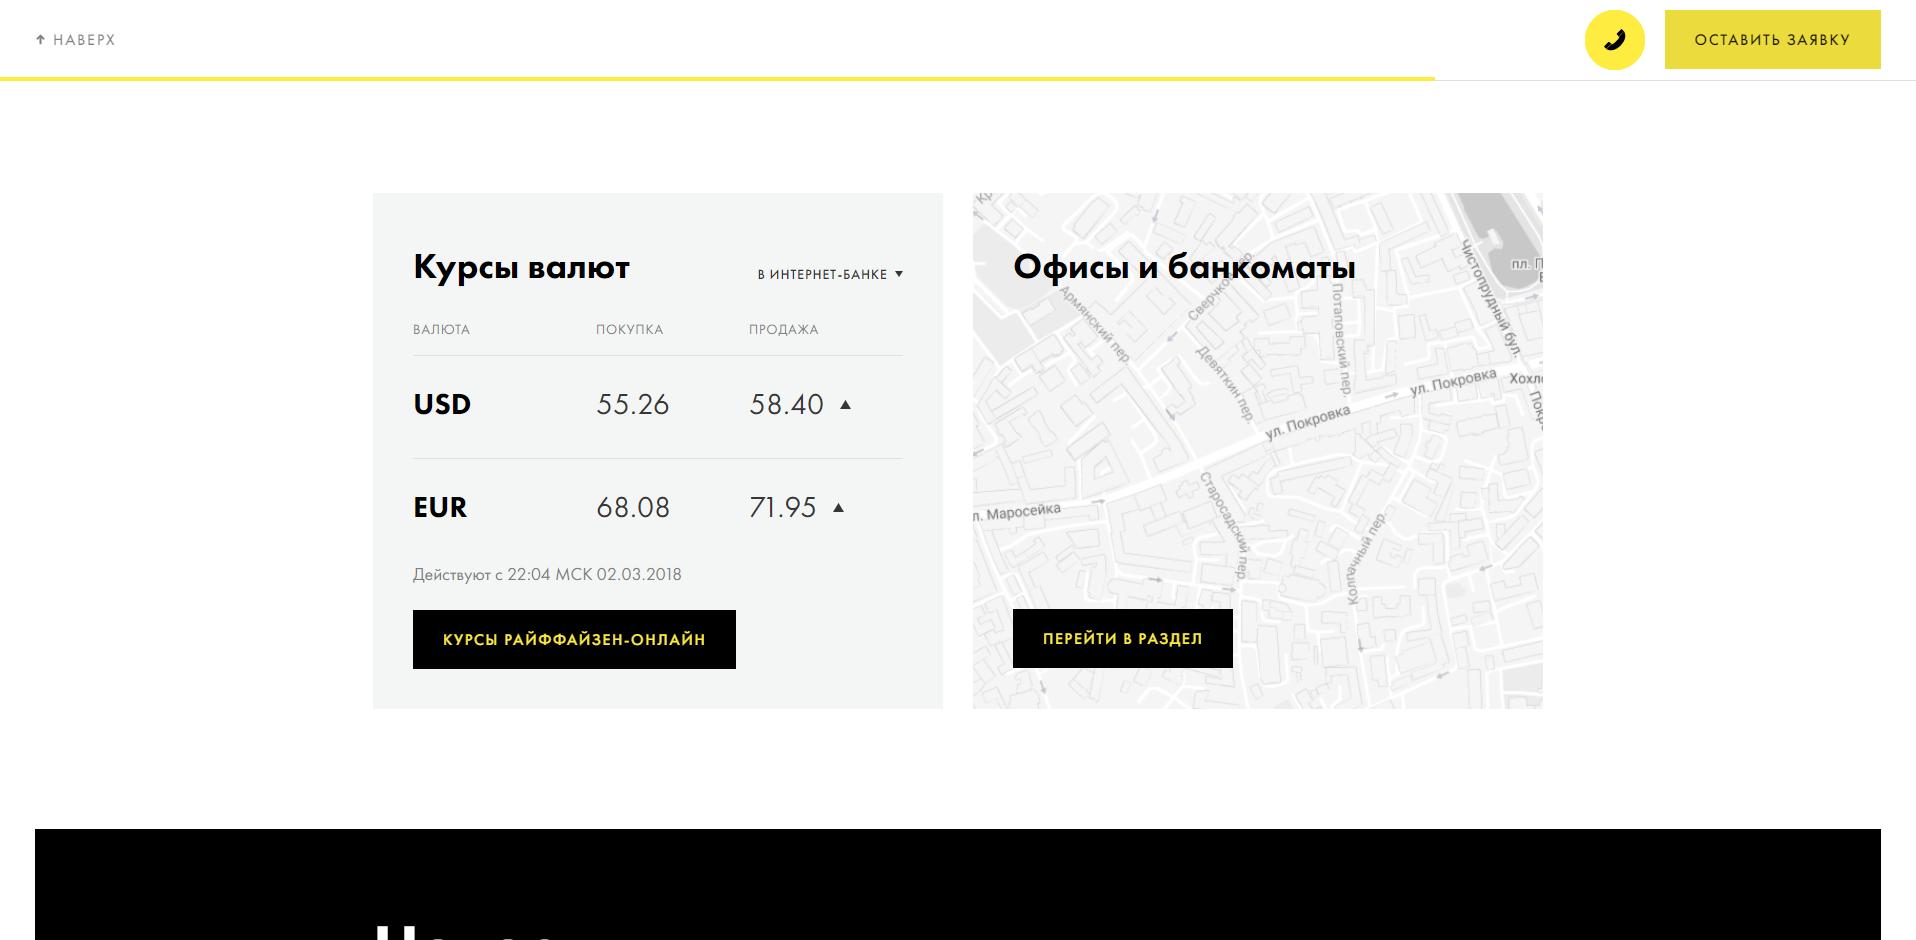 Как делать лучшие сайты в России - 33